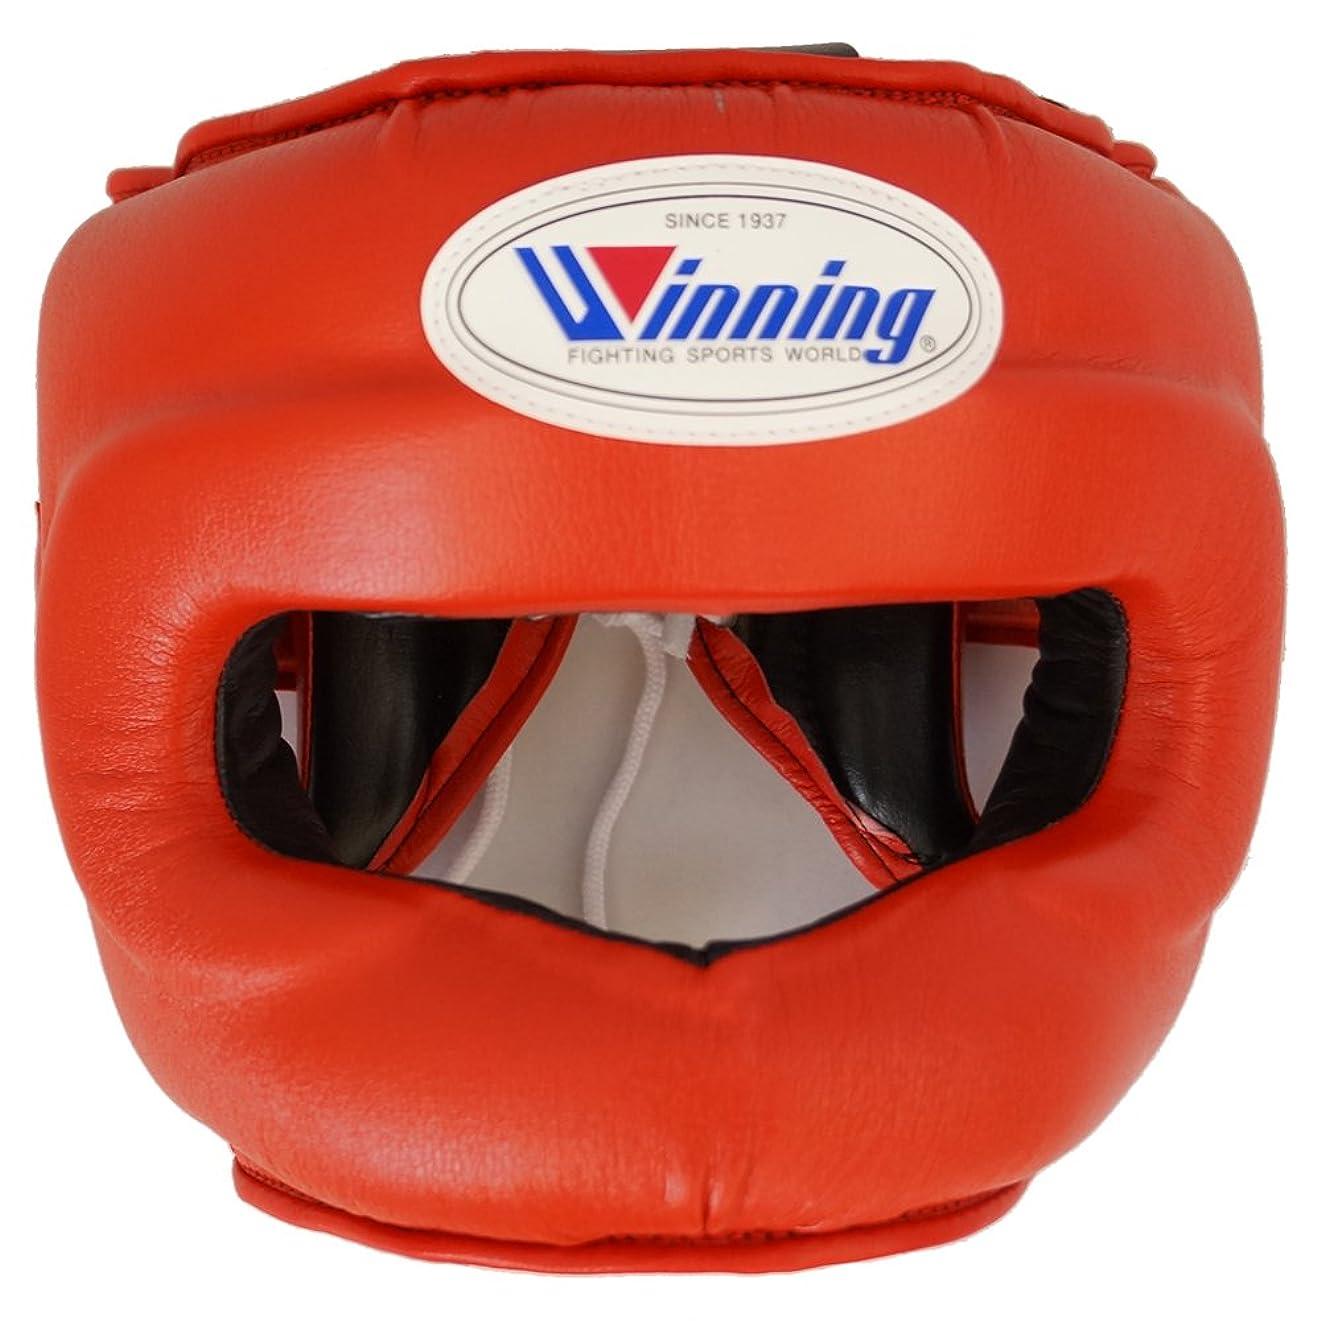 歩くオフ素子【Winning/ウイニング】 ヘッドギア フルフェイスタイプ ボクシング ウイニング プロテクター boxing headgear